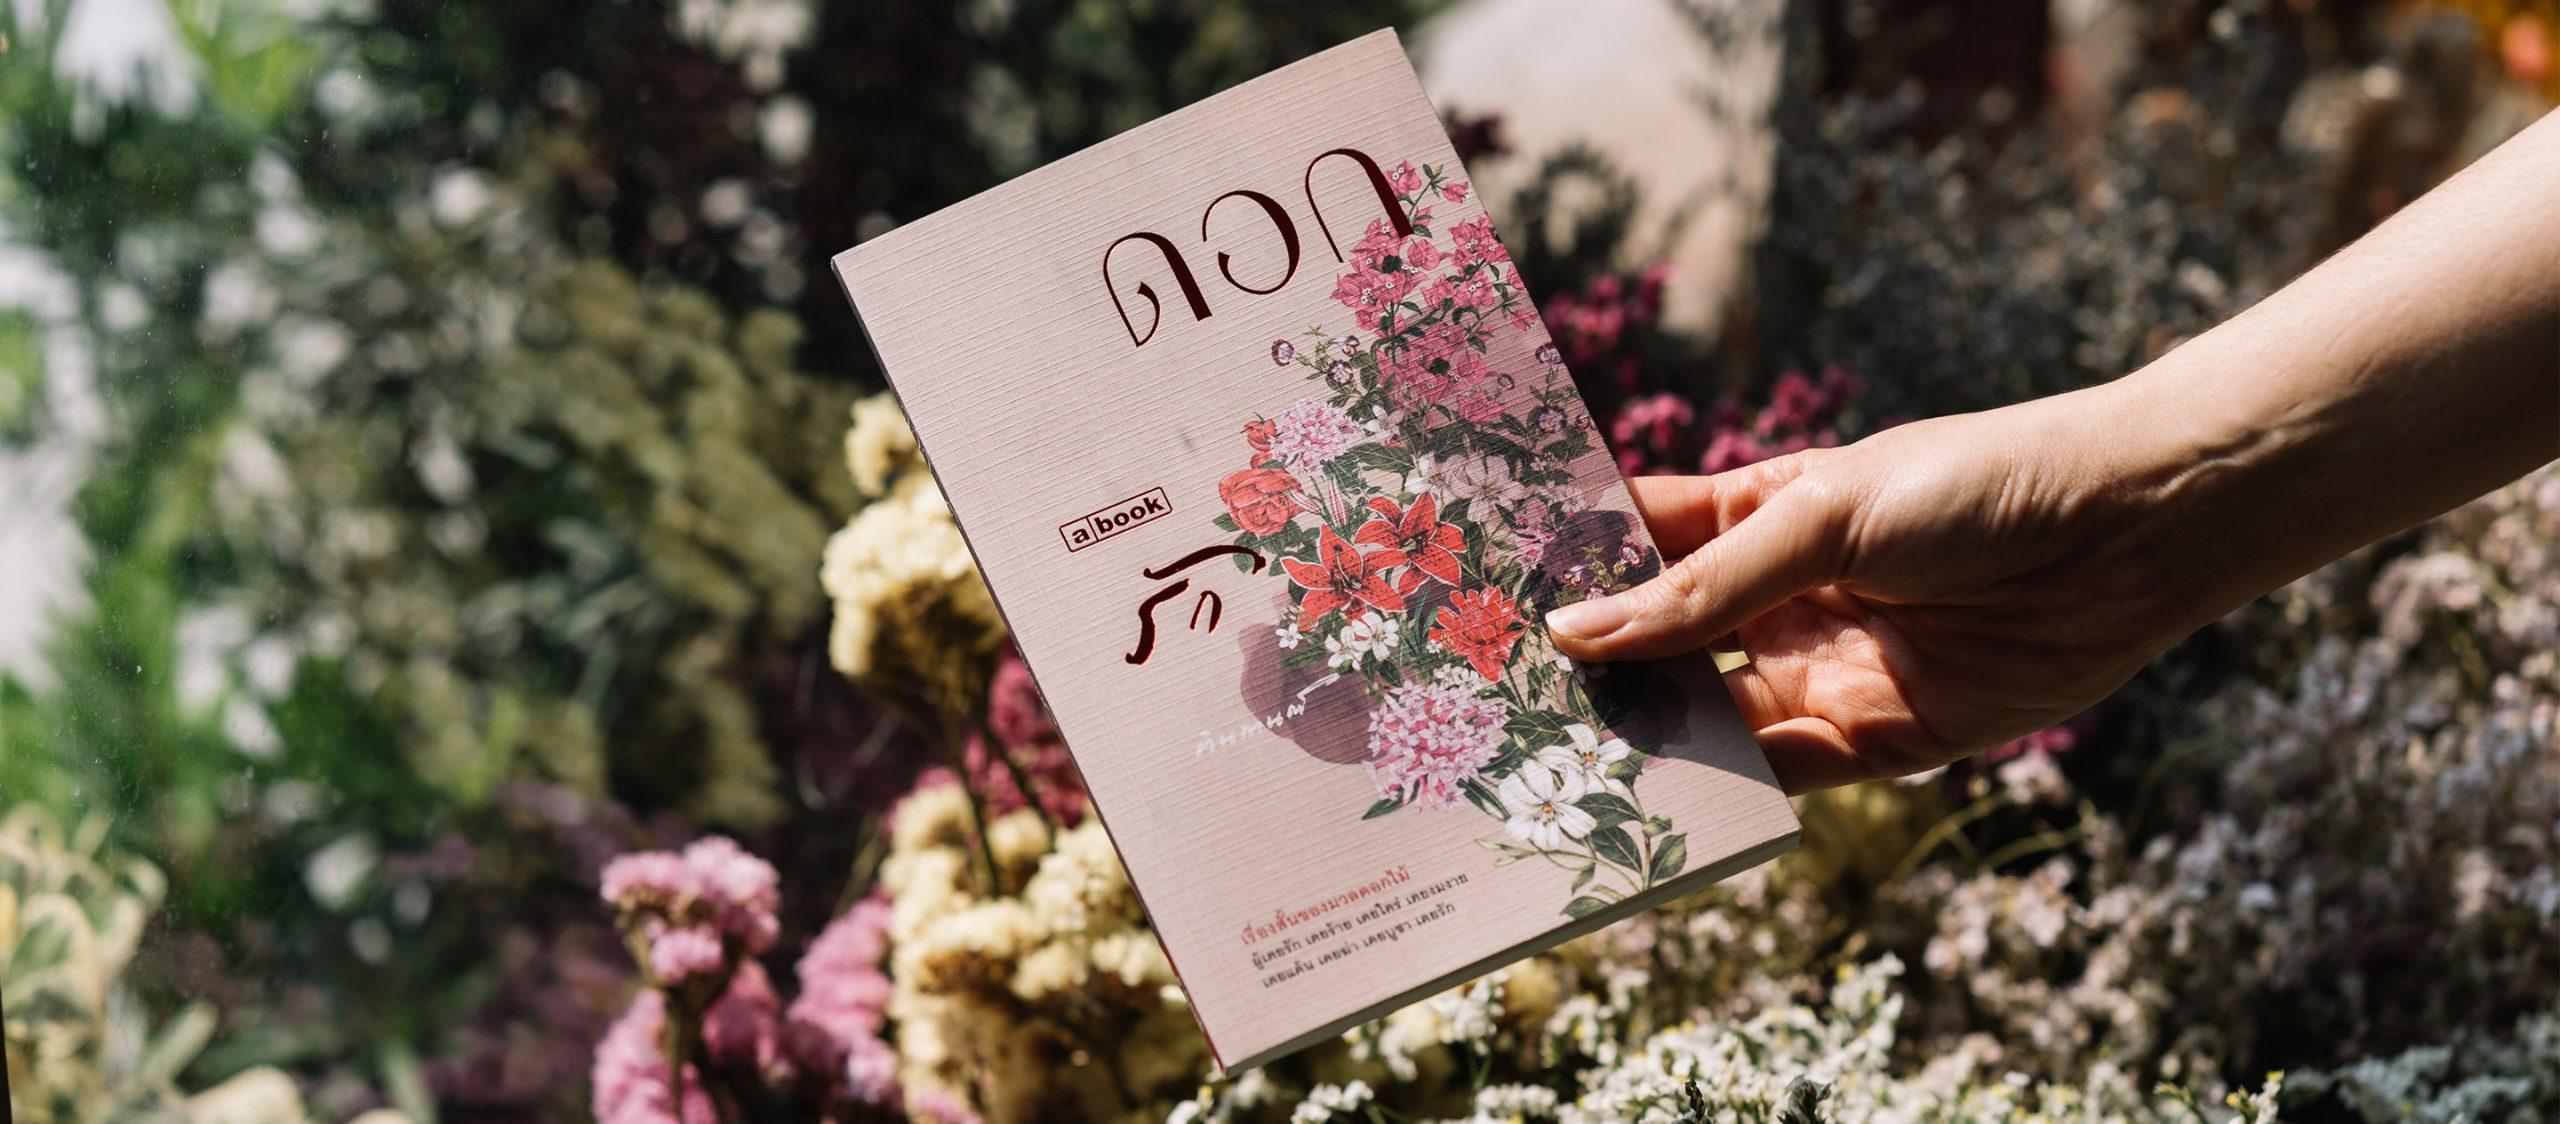 """""""ความรักเหมือนการบานของดอกไม้ มีฤดูกาล มีเวลาที่เหมาะสม"""" – ตินกานต์ ผู้เขียน ดอก รัก"""